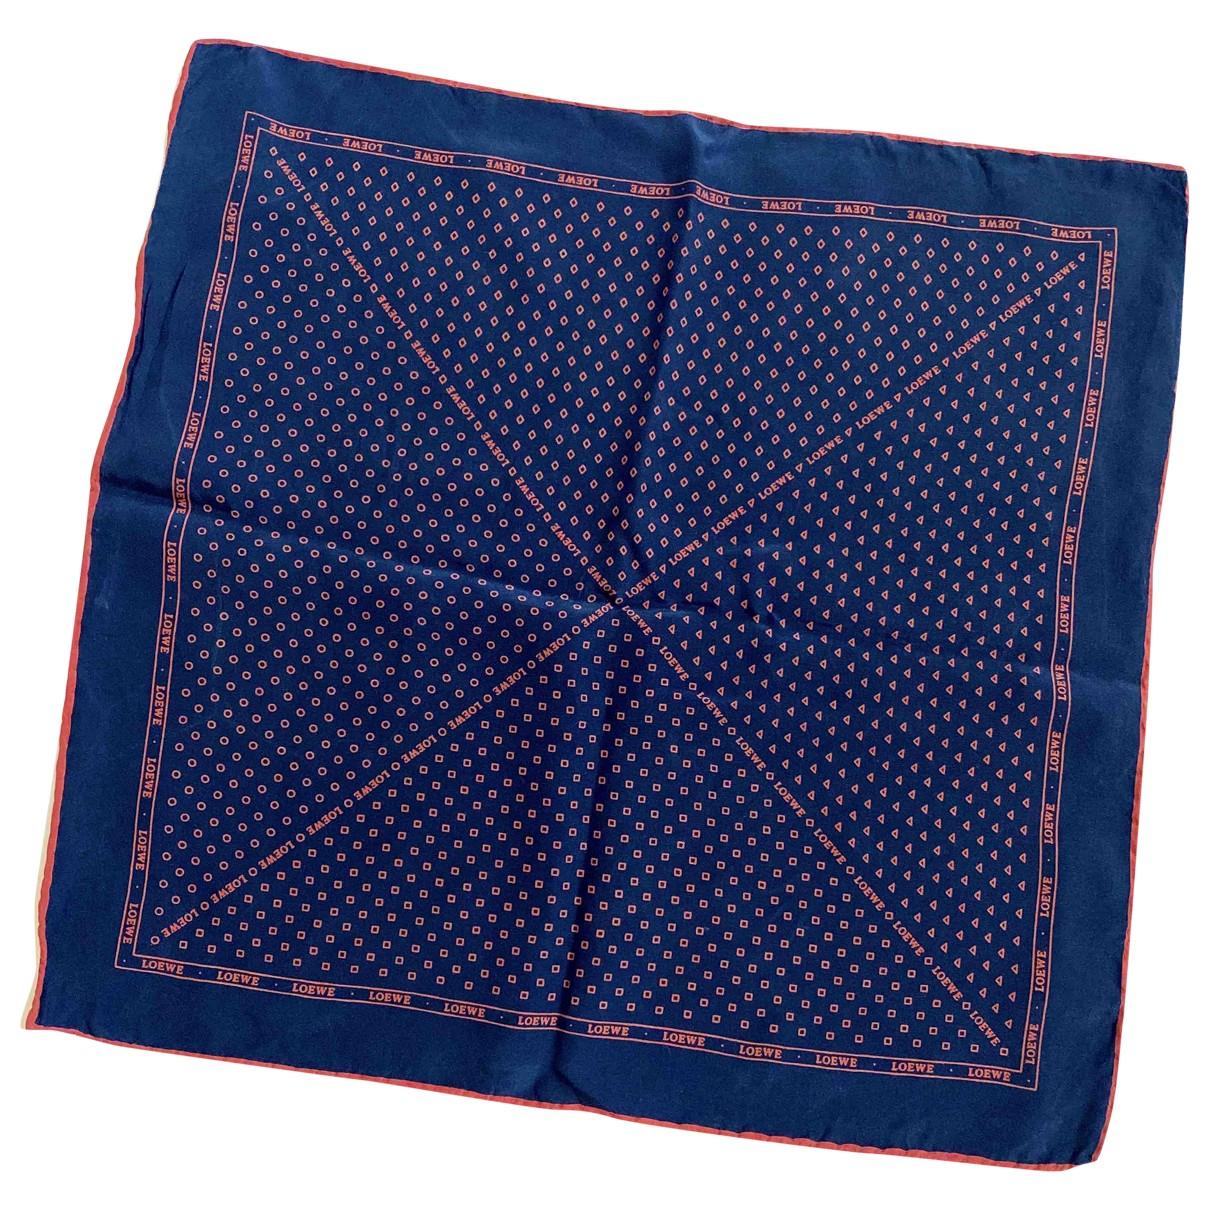 Loewe - Cheches.Echarpes   pour homme en soie - bleu